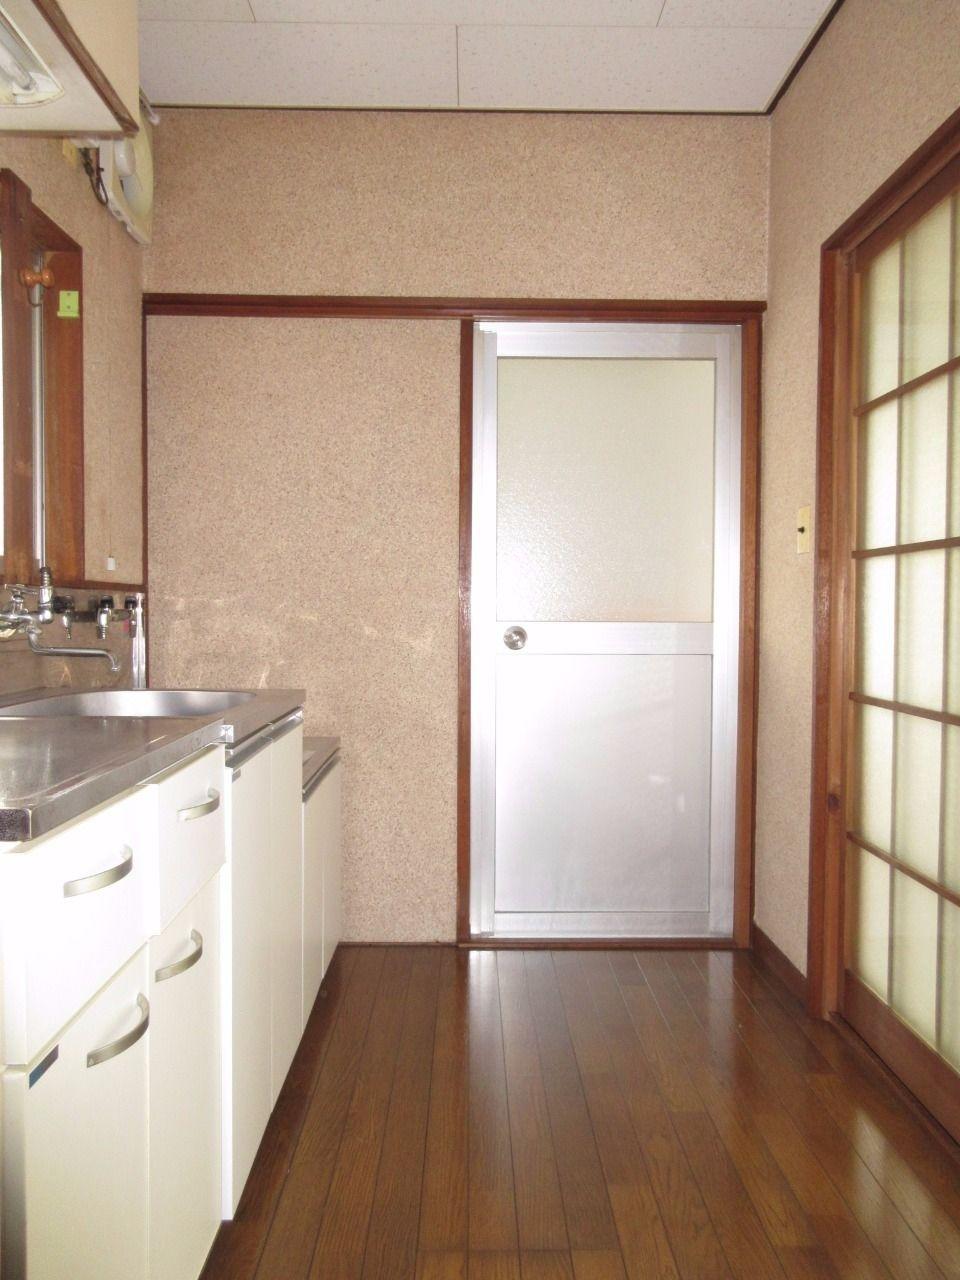 キッチンにも窓があるので自然光が入ります